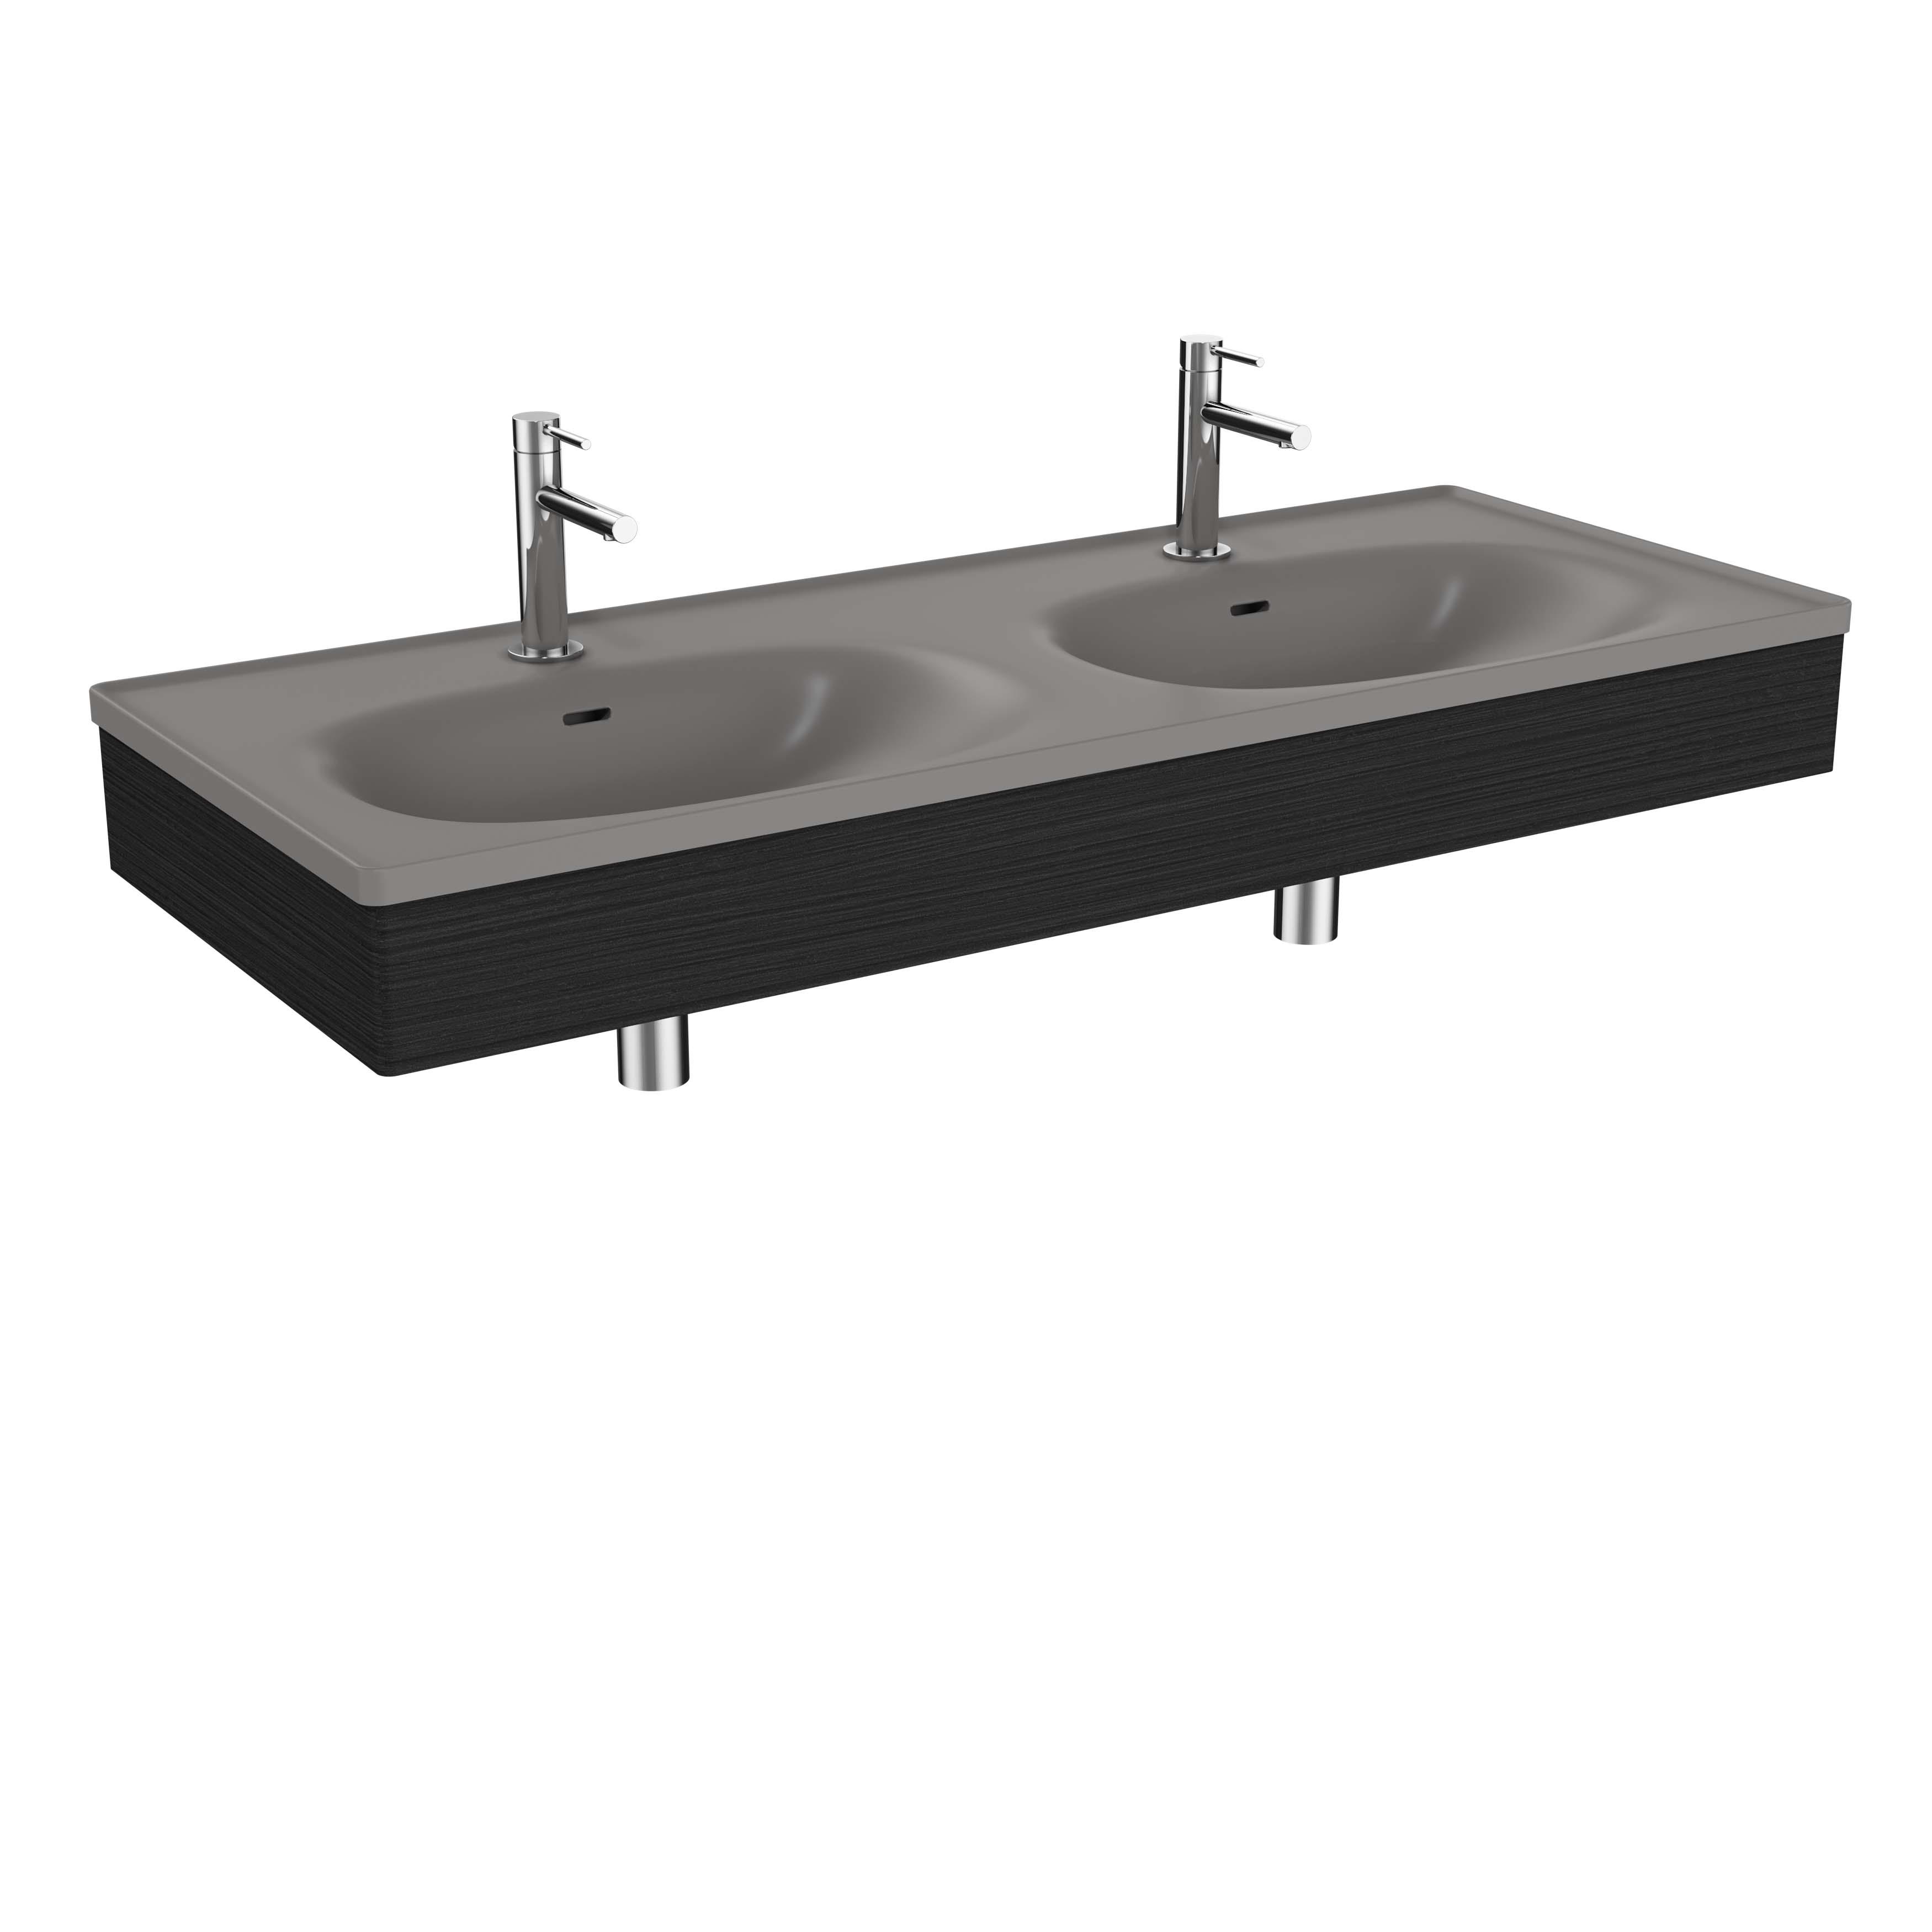 Equal plan céramique, lavabo double, panneau en bois, 130 cm, gris pierre mat / chêne noir structure